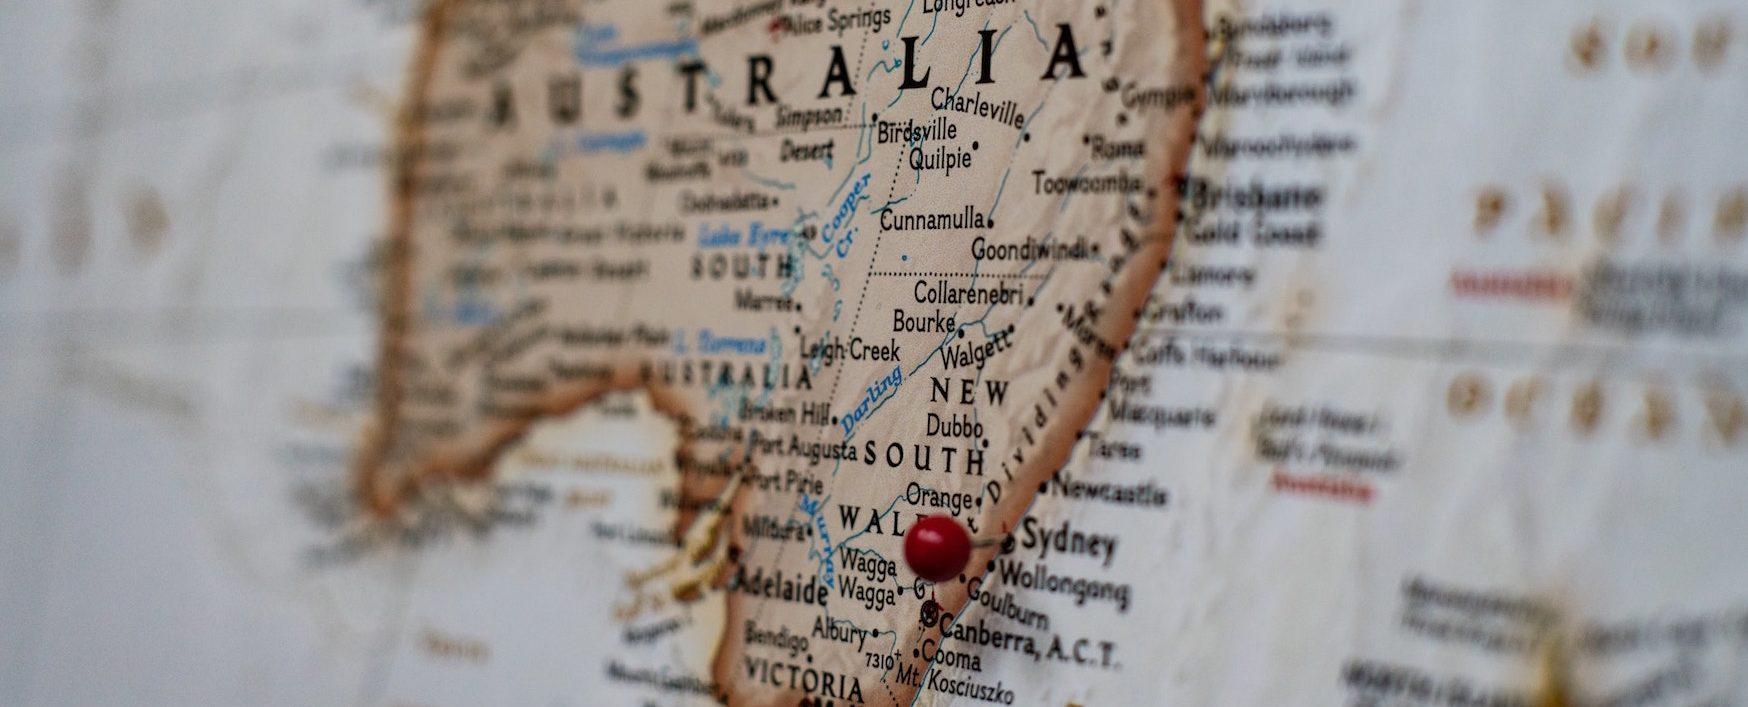 To Australia Day or not to Australia Day?